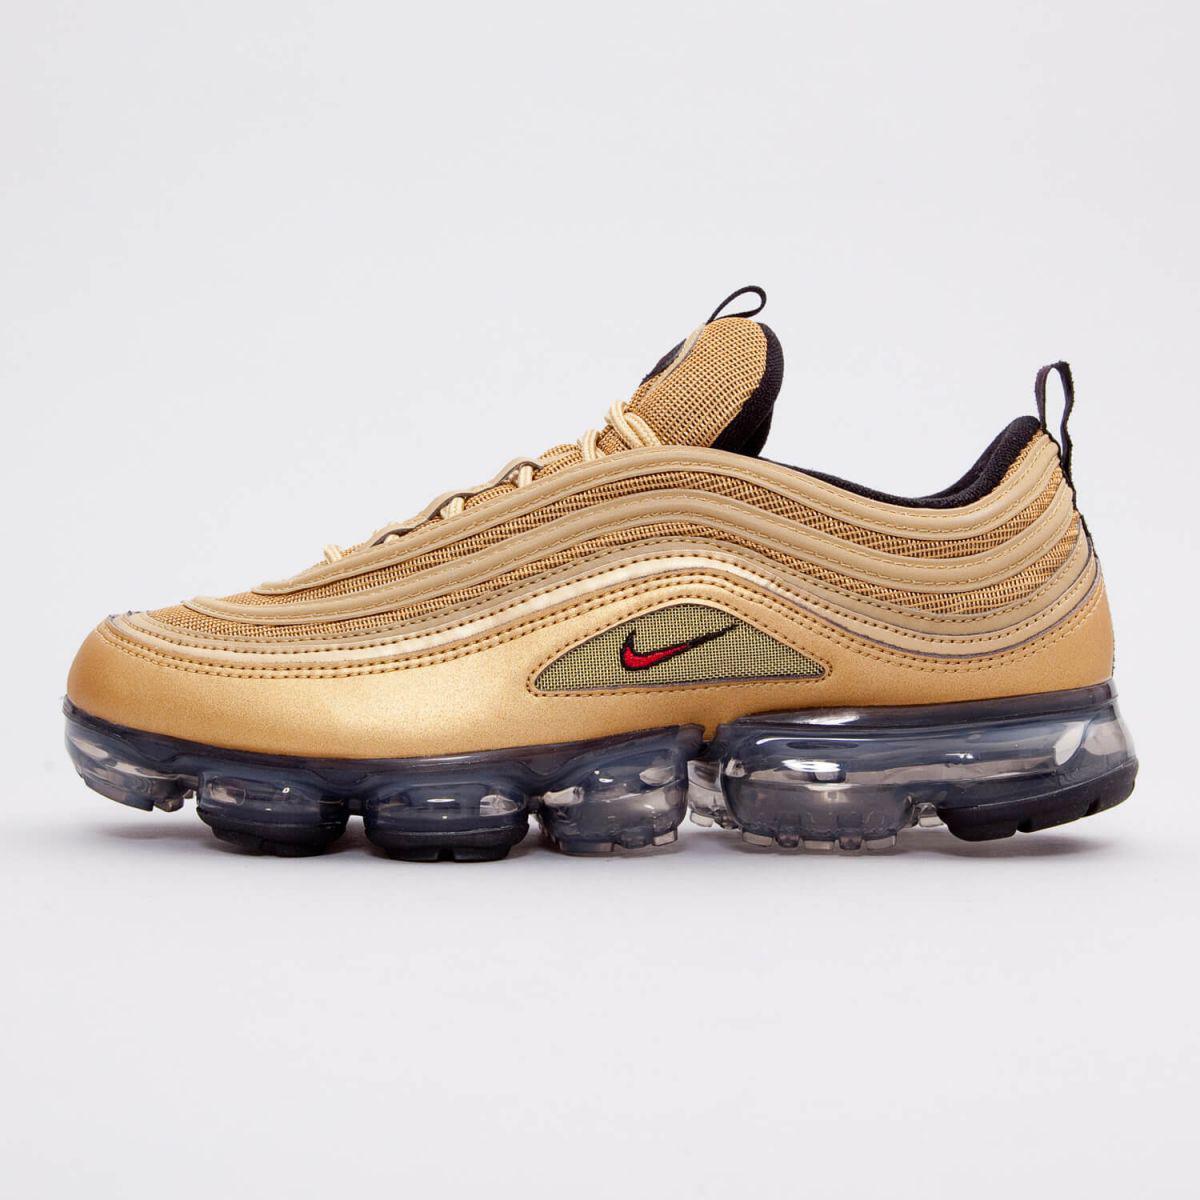 f55185c6 Оригинальные мужские кроссовки NIKE AIR VAPORMAX '97